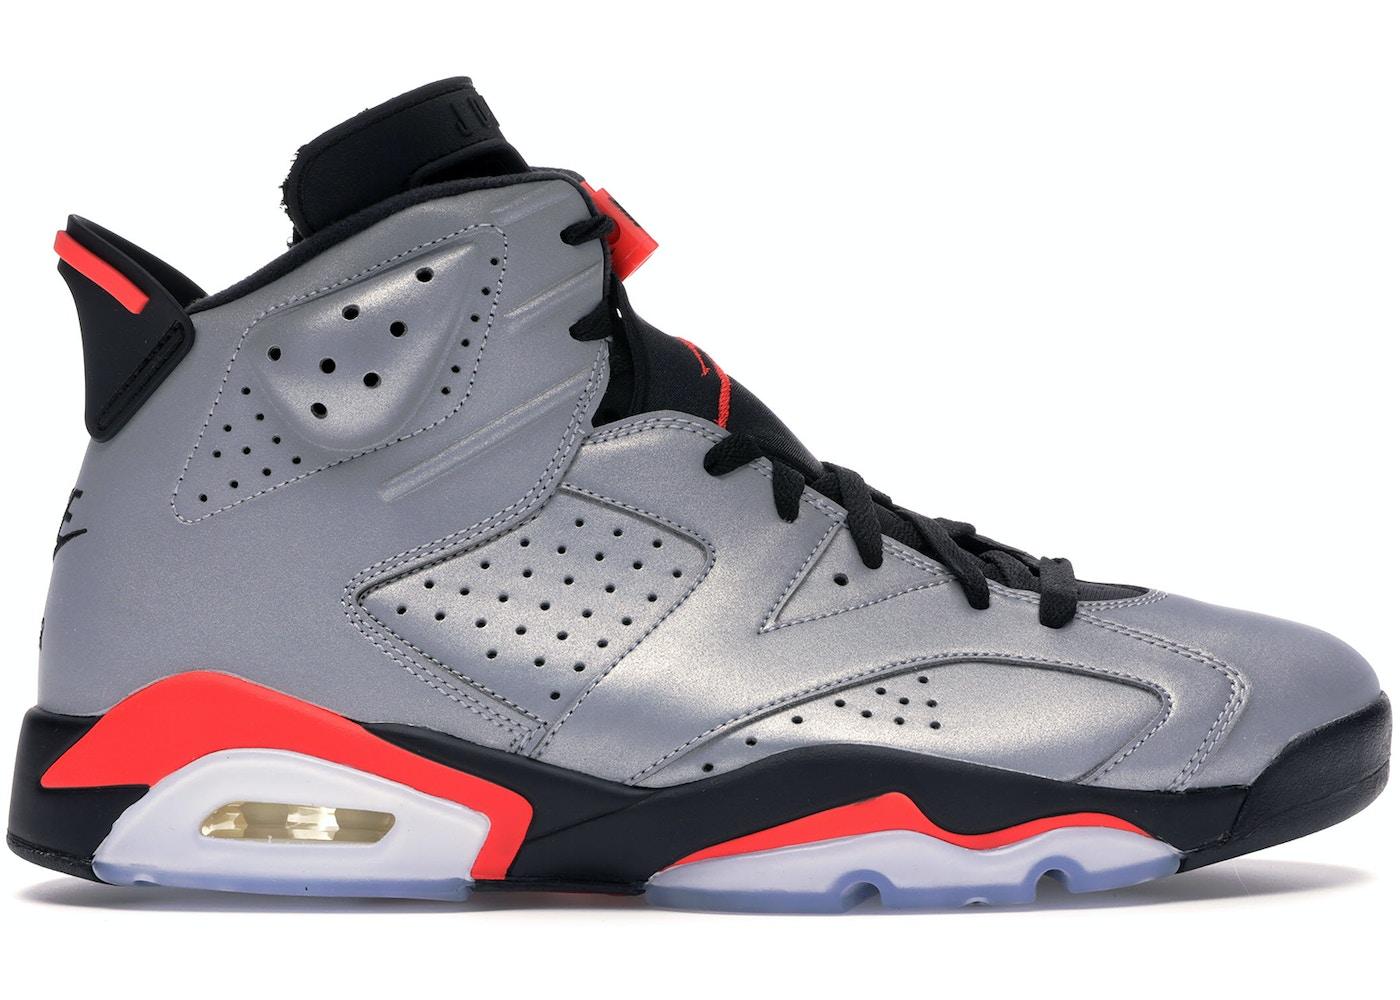 d2ecfa9f8fc Buy Air Jordan 6 Shoes & Deadstock Sneakers